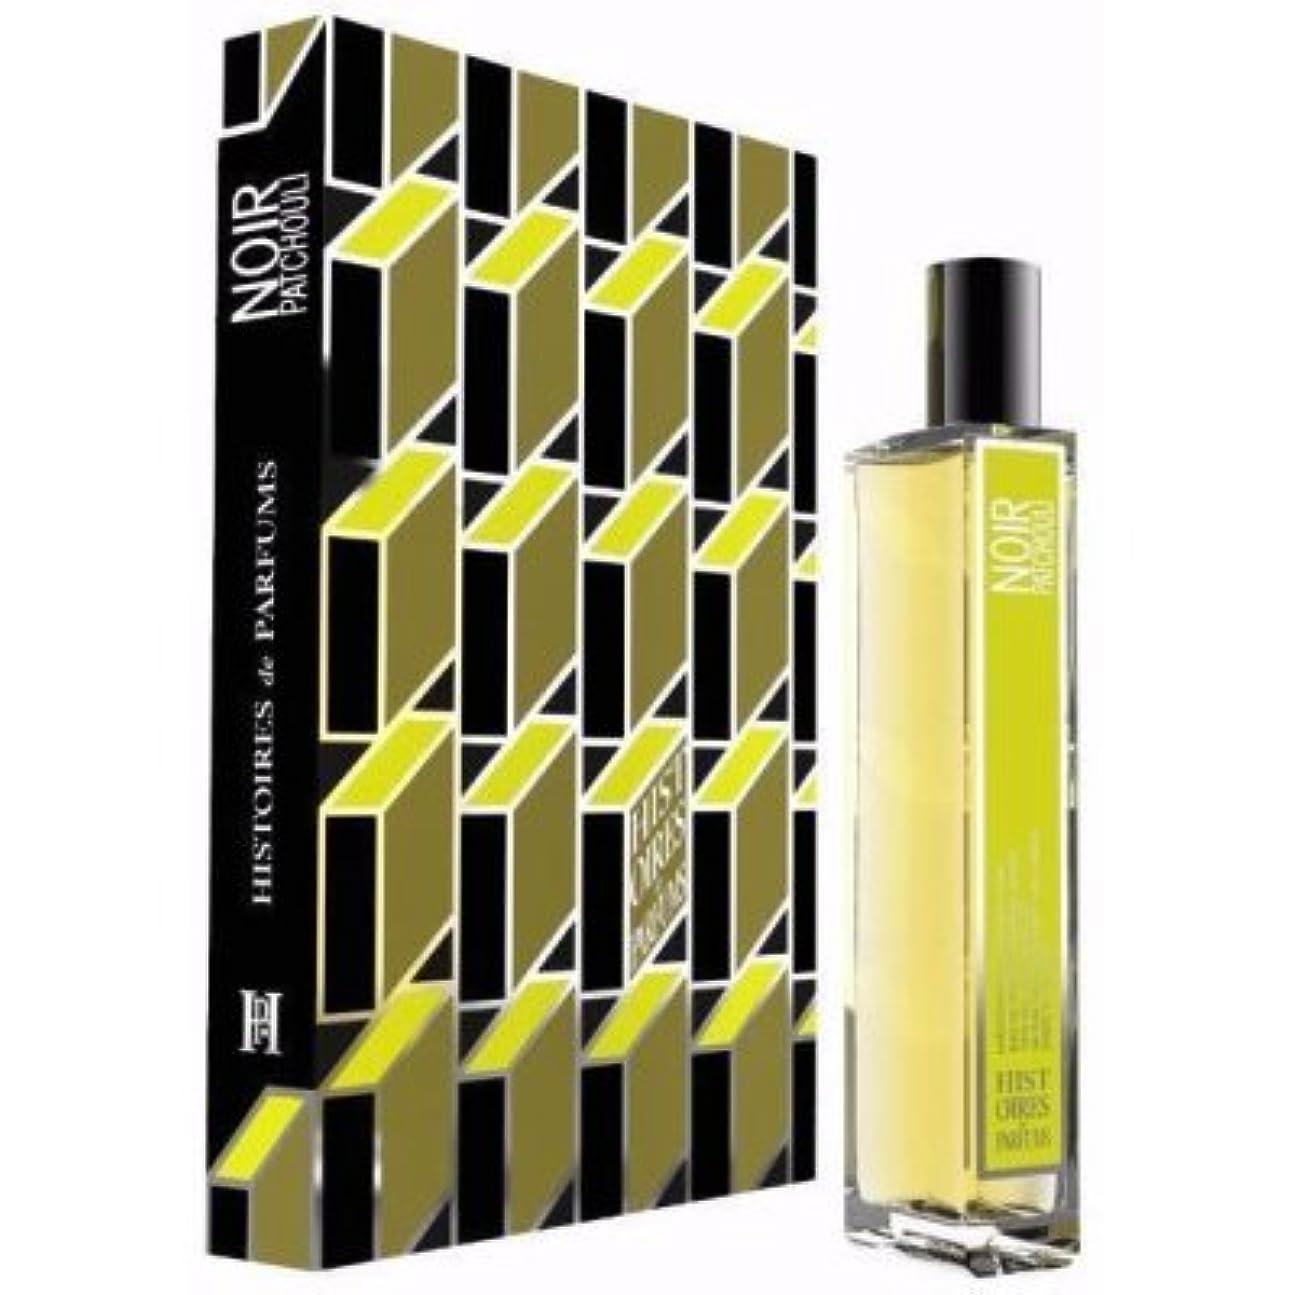 楽しい救出動くHistoires de Parfums Noir Patchouli EDP 15ml(イストワール ドゥ パルファン ノワール パチョリ オードパルファン 15ml)[海外直送品] [並行輸入品]